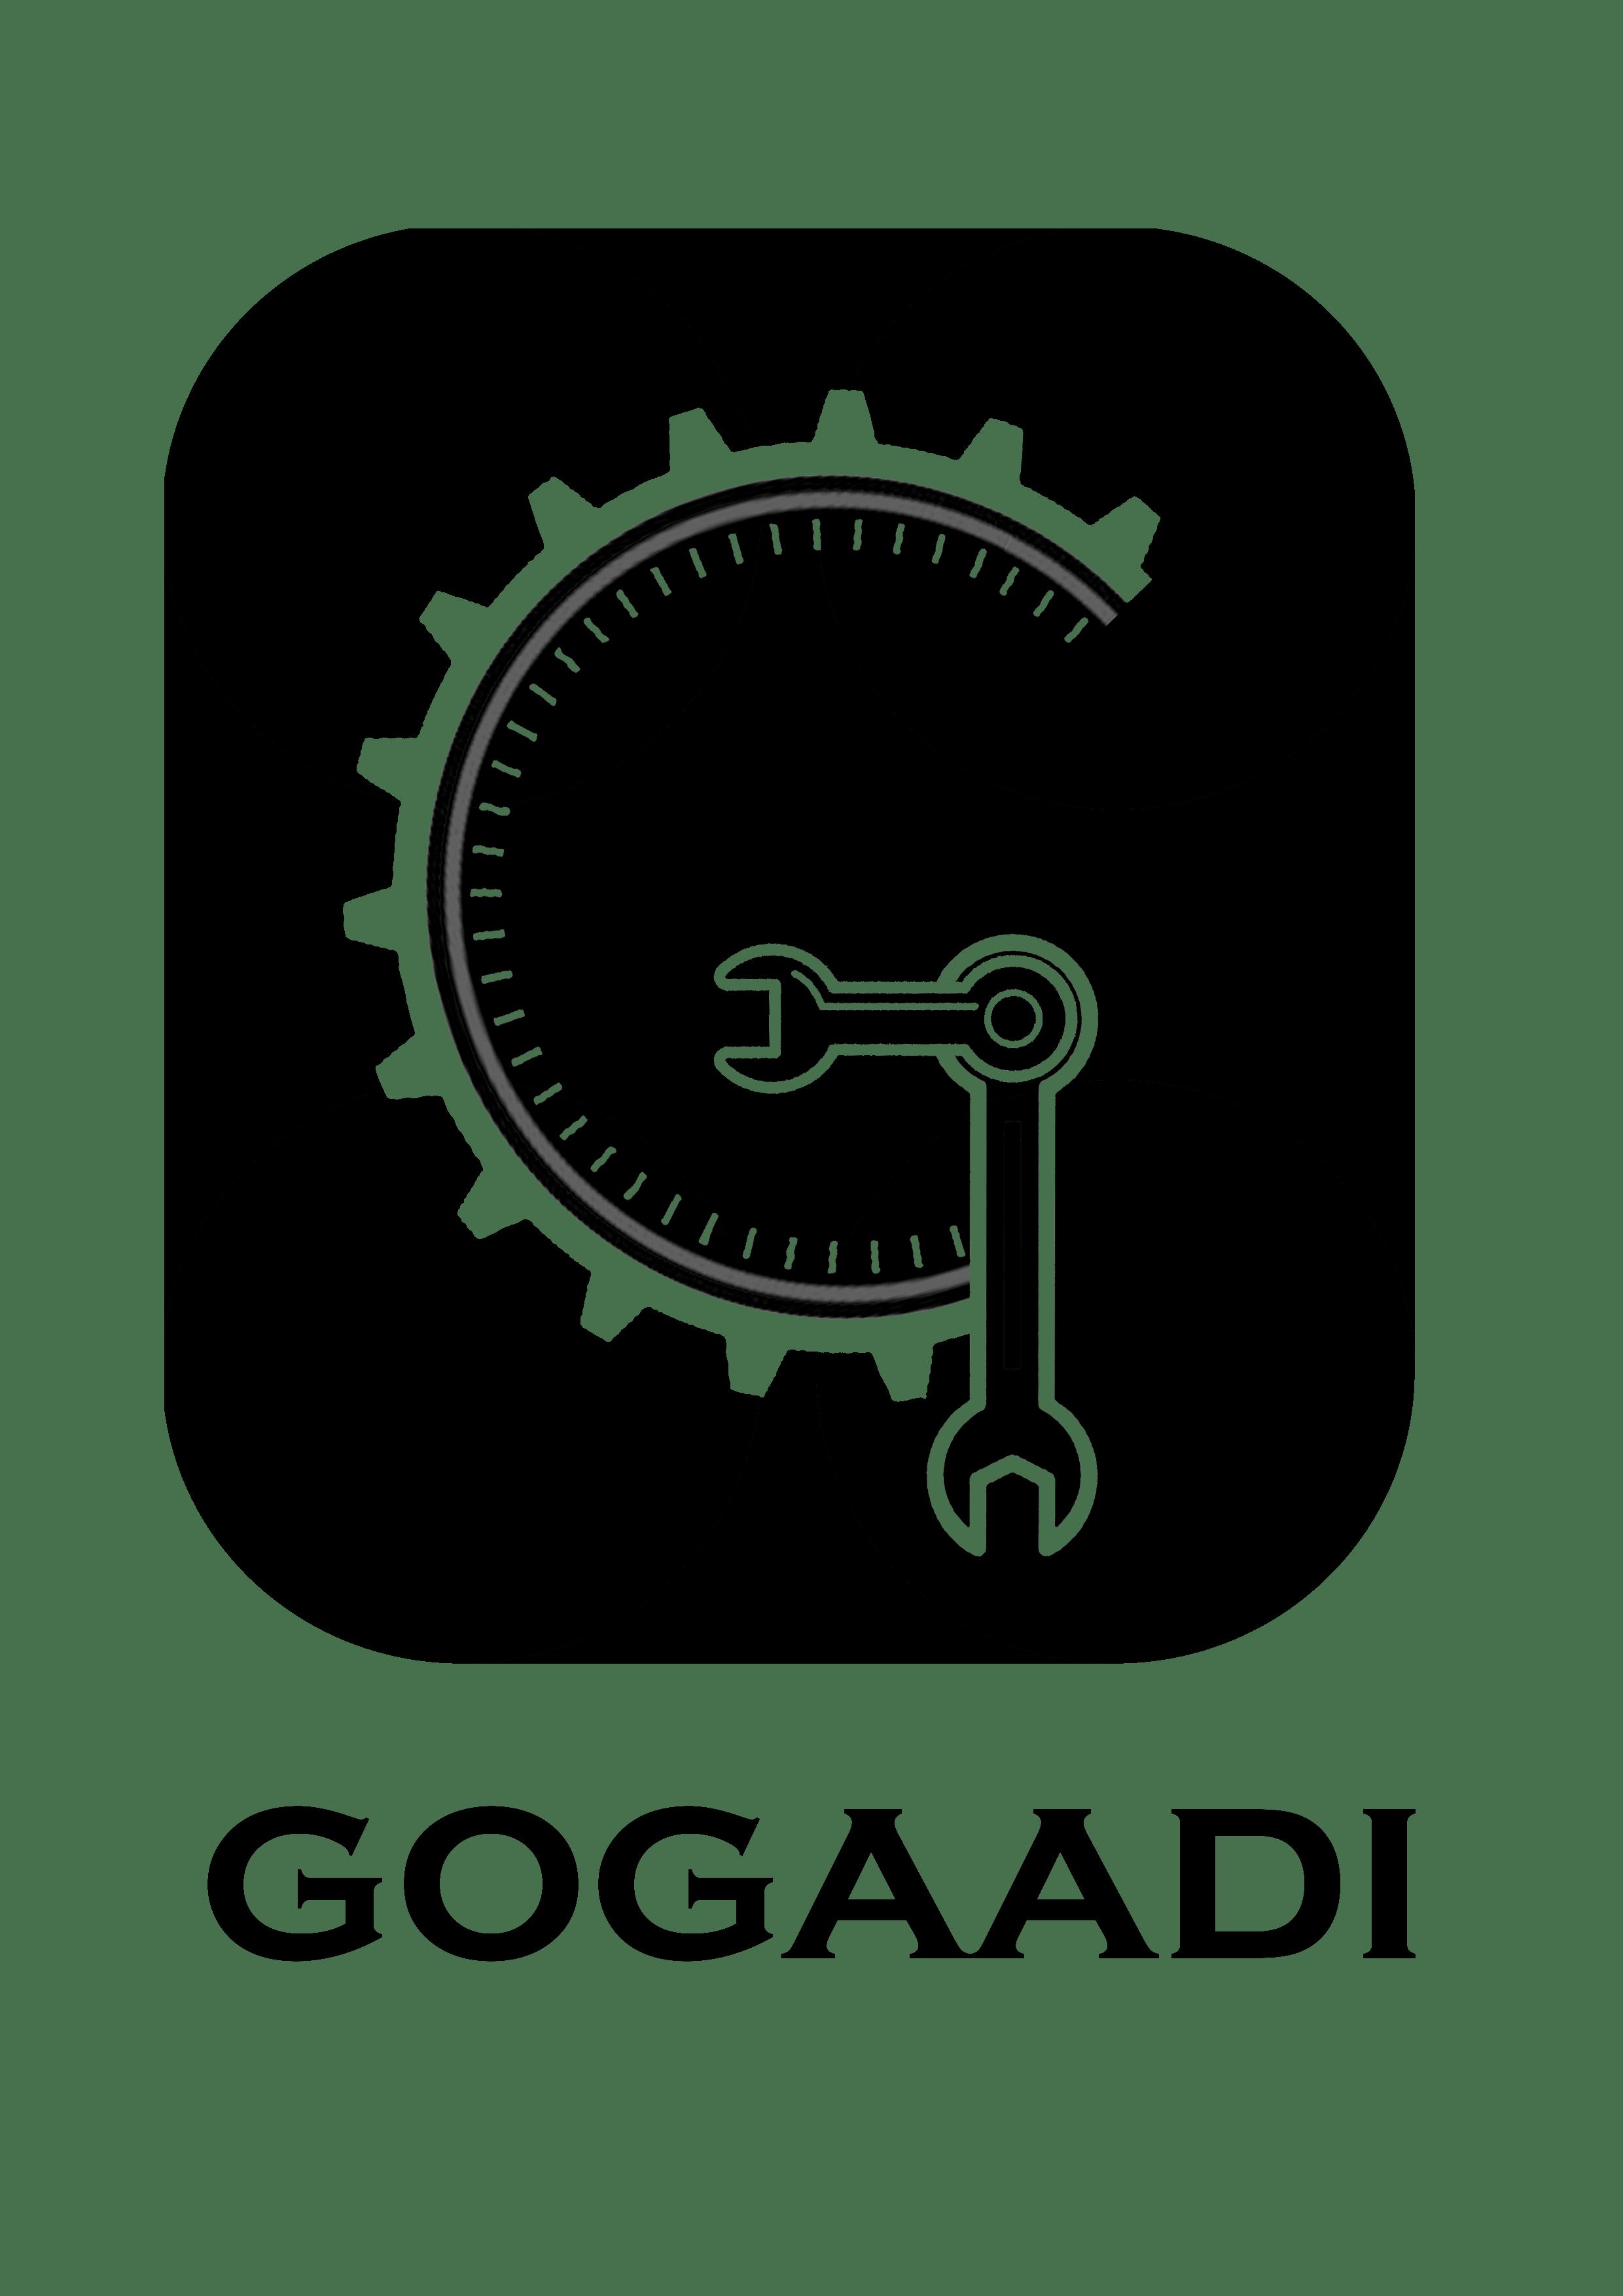 GoGaadi